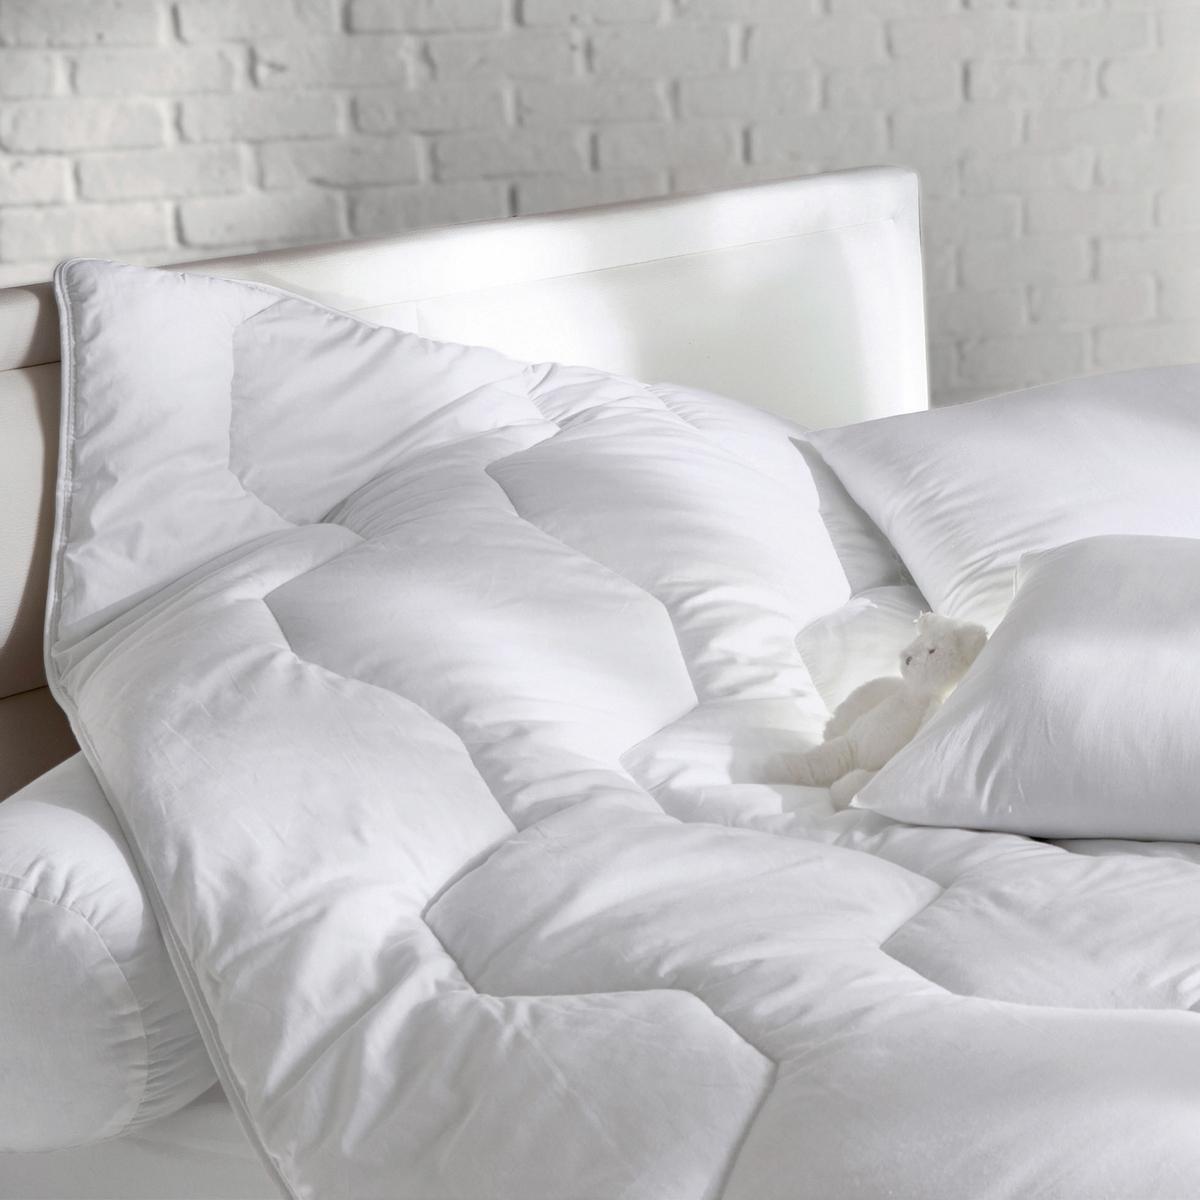 Одеяло из синтетики качество стандарт с обработкой против клещей 300г/м2Выбирайте одеяло Redoute R?VERIE, стандартного качества (300 г/м?)  : мягкость и комфорт гарантированы. Обработка Saniprotect против клещей .                                                                         Наполнитель 100 % polyester, полых силиконовых волокон для большей мягкости.                                                                                                            Верх 100 % хлопка с обработкой Saniprotect против клещей (эффективна даже после нескольких стирок).                                                                                                            Прострочка шестиугольниками.                                                                             Отделка бейкой, усиленная двойная прострочка  .                                                                                                            Уход : стирка при 40°. Возможна барабанная сушка .                                                                                                            Идеально при температуре воздуха в комнате от 15 до 18°.<br><br>Цвет: белый